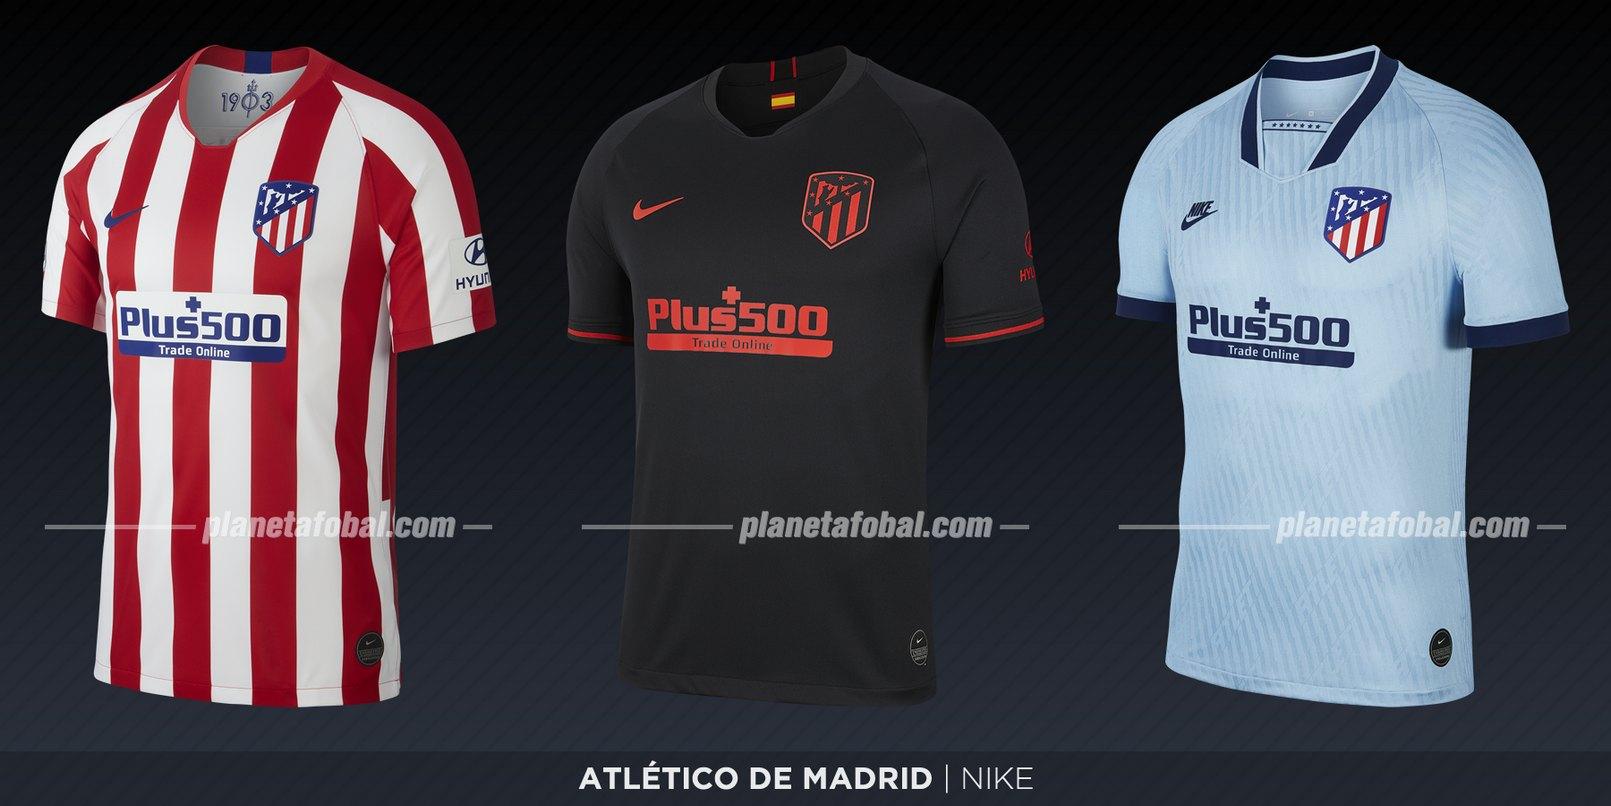 Atlético de Madrid (Nike) | Camisetas de LaLiga 2019-2020